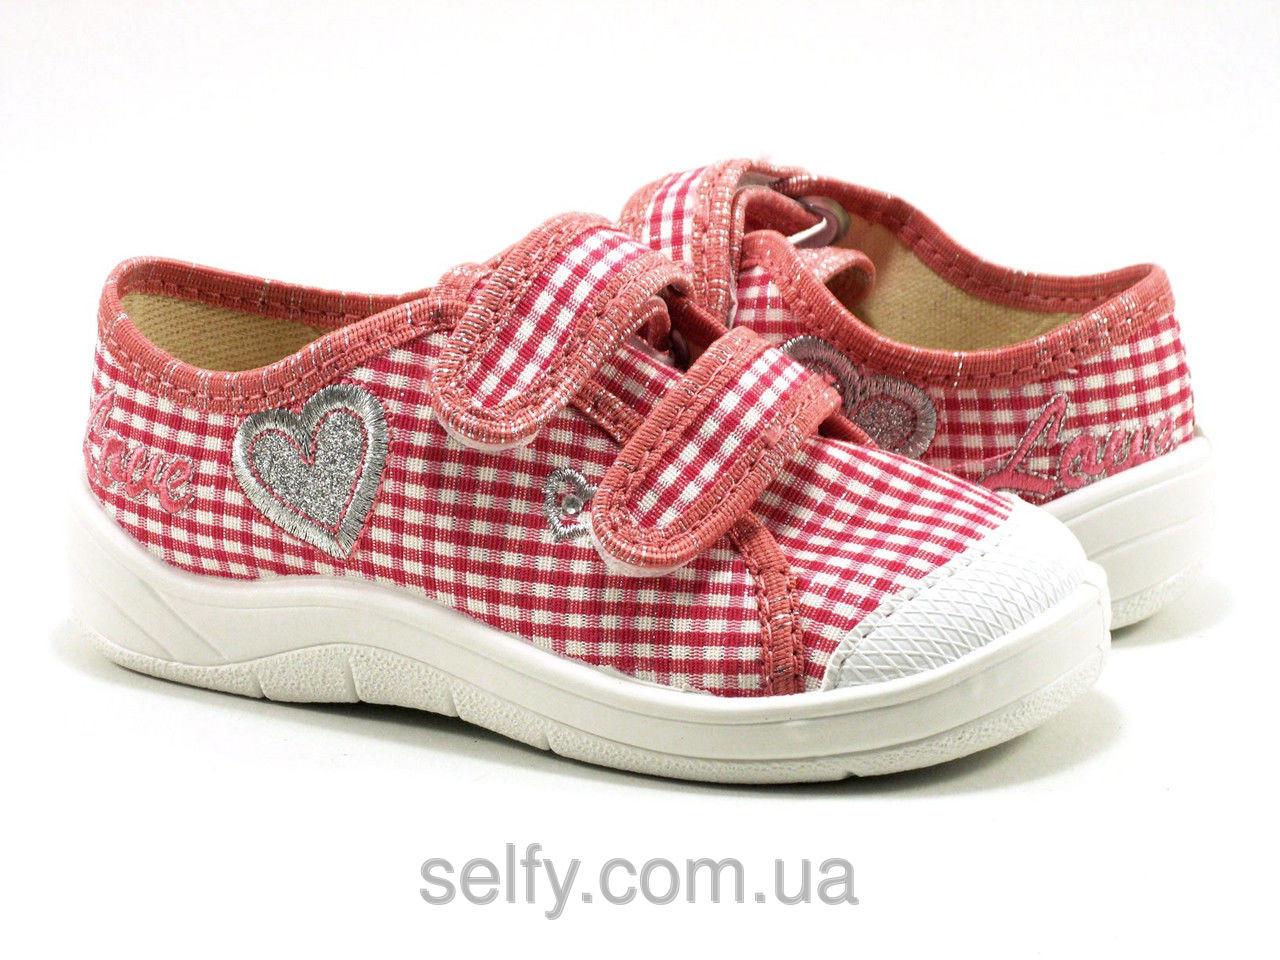 Тапочки ортопедические розово-белая клетка, серце Валди